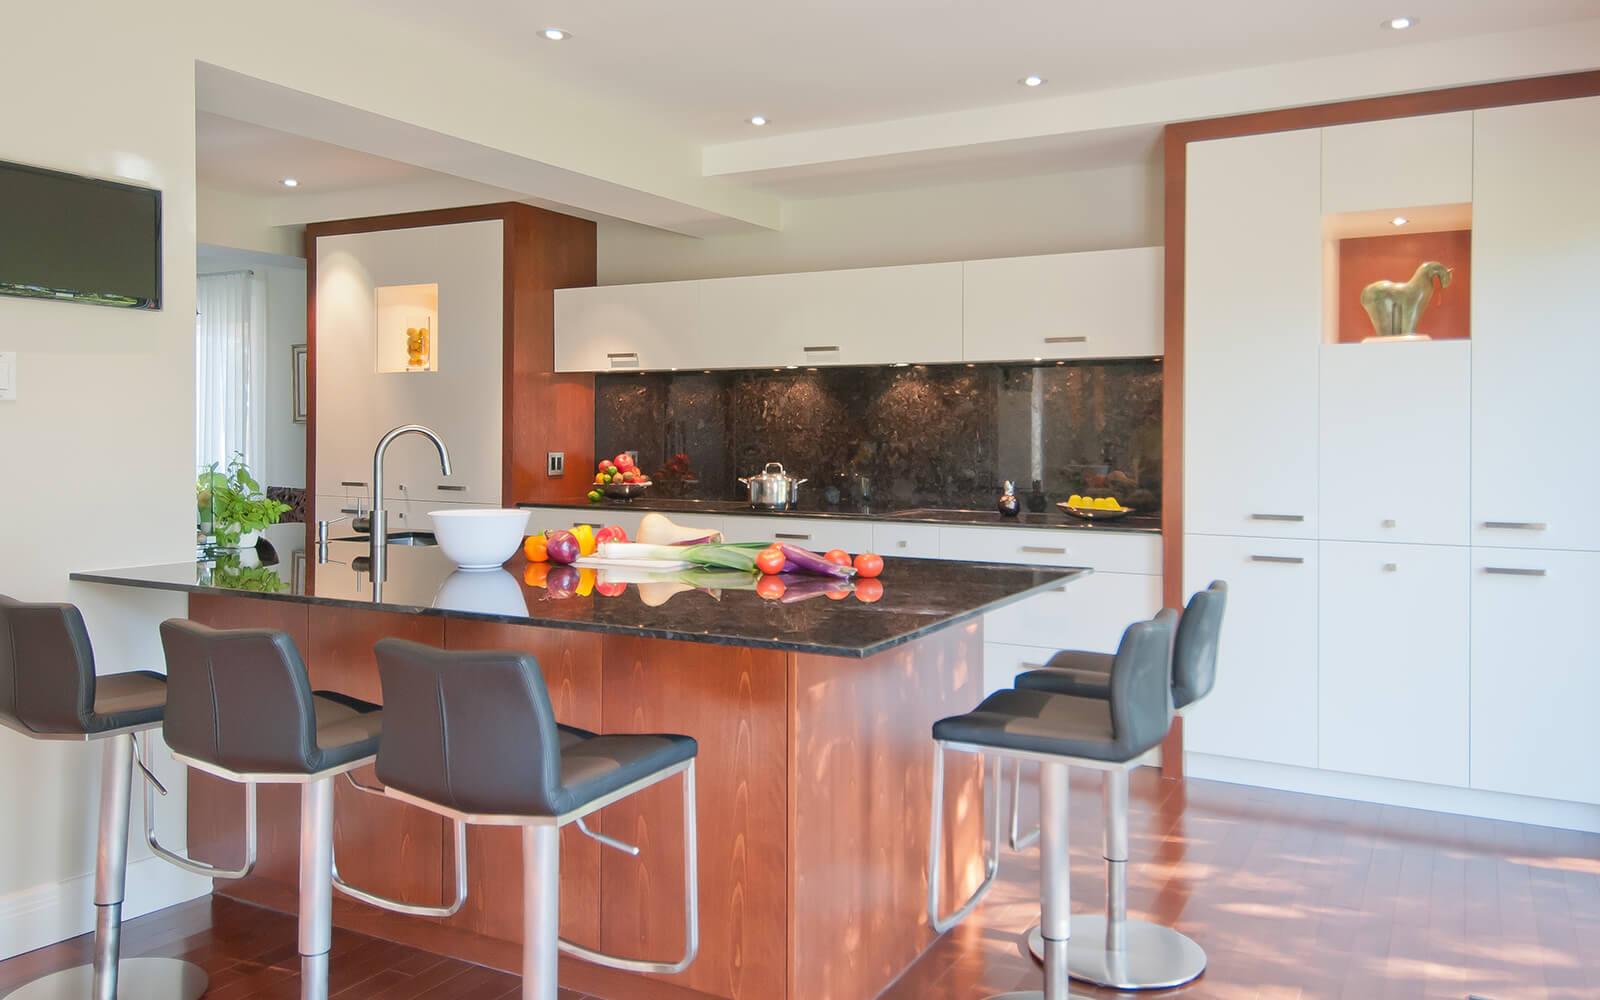 Rénovation du rez-de-chaussée: entrée, salle à manger, cuisine séjour